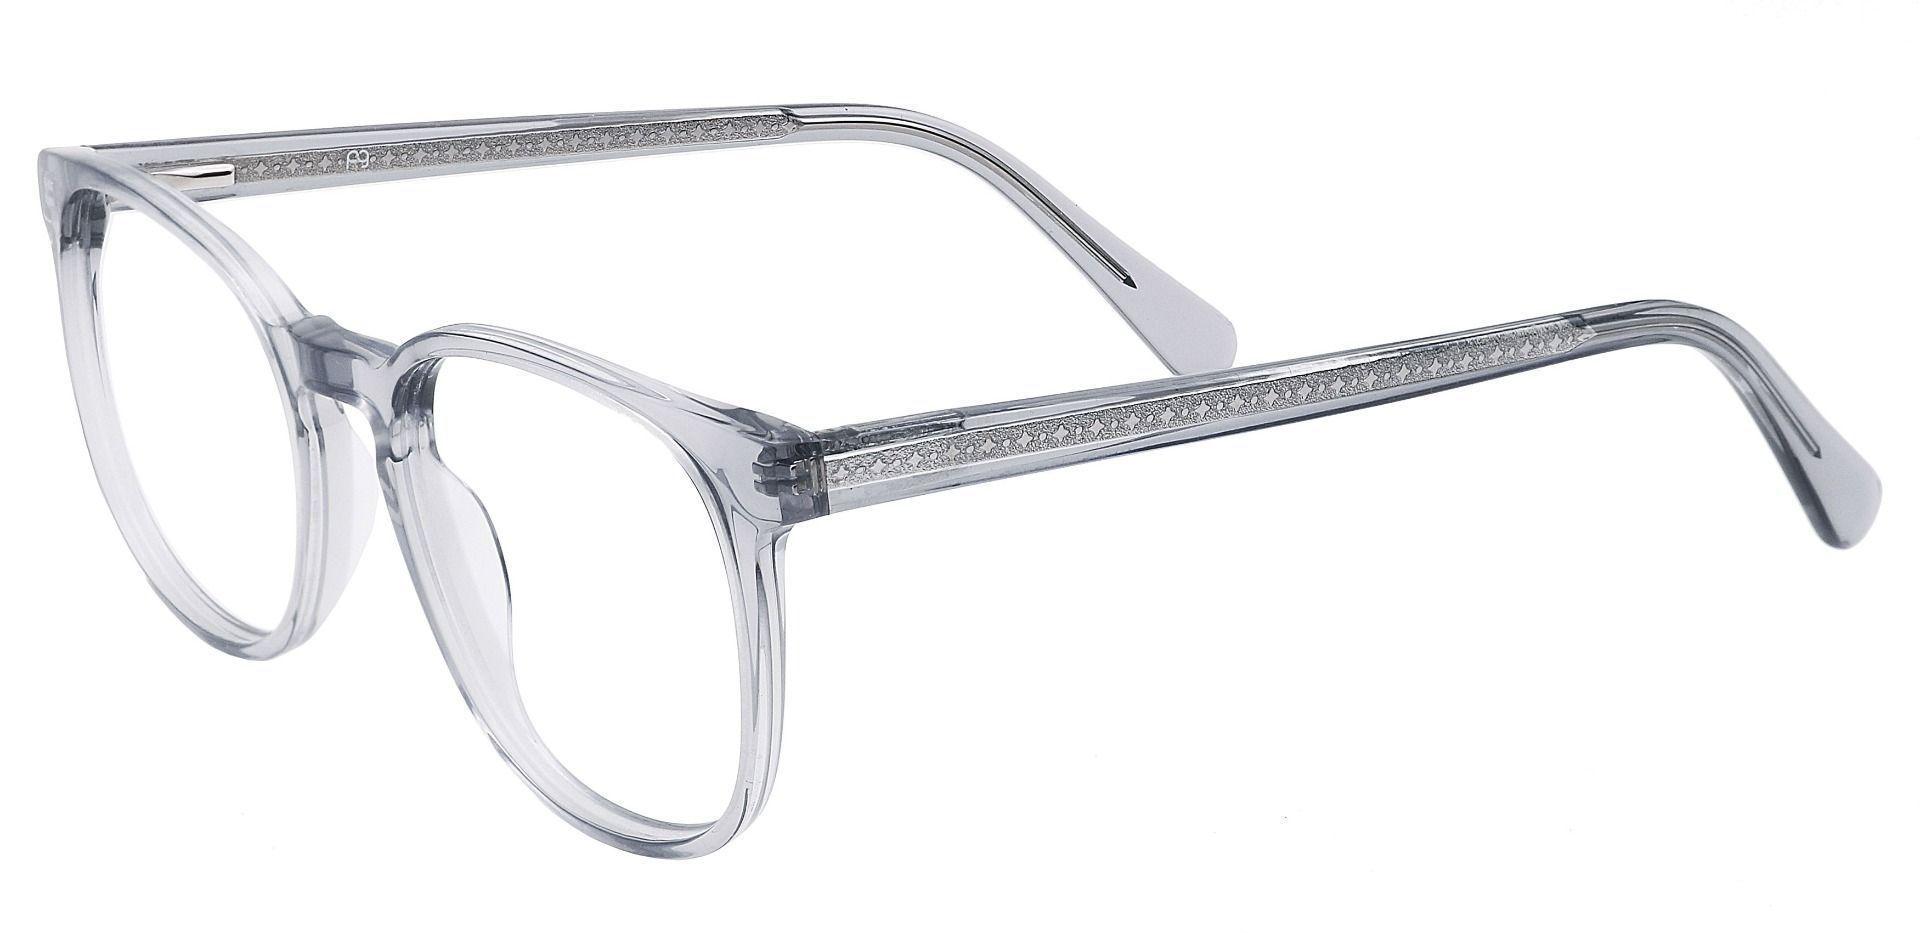 Nebula Round Prescription Glasses - Gray